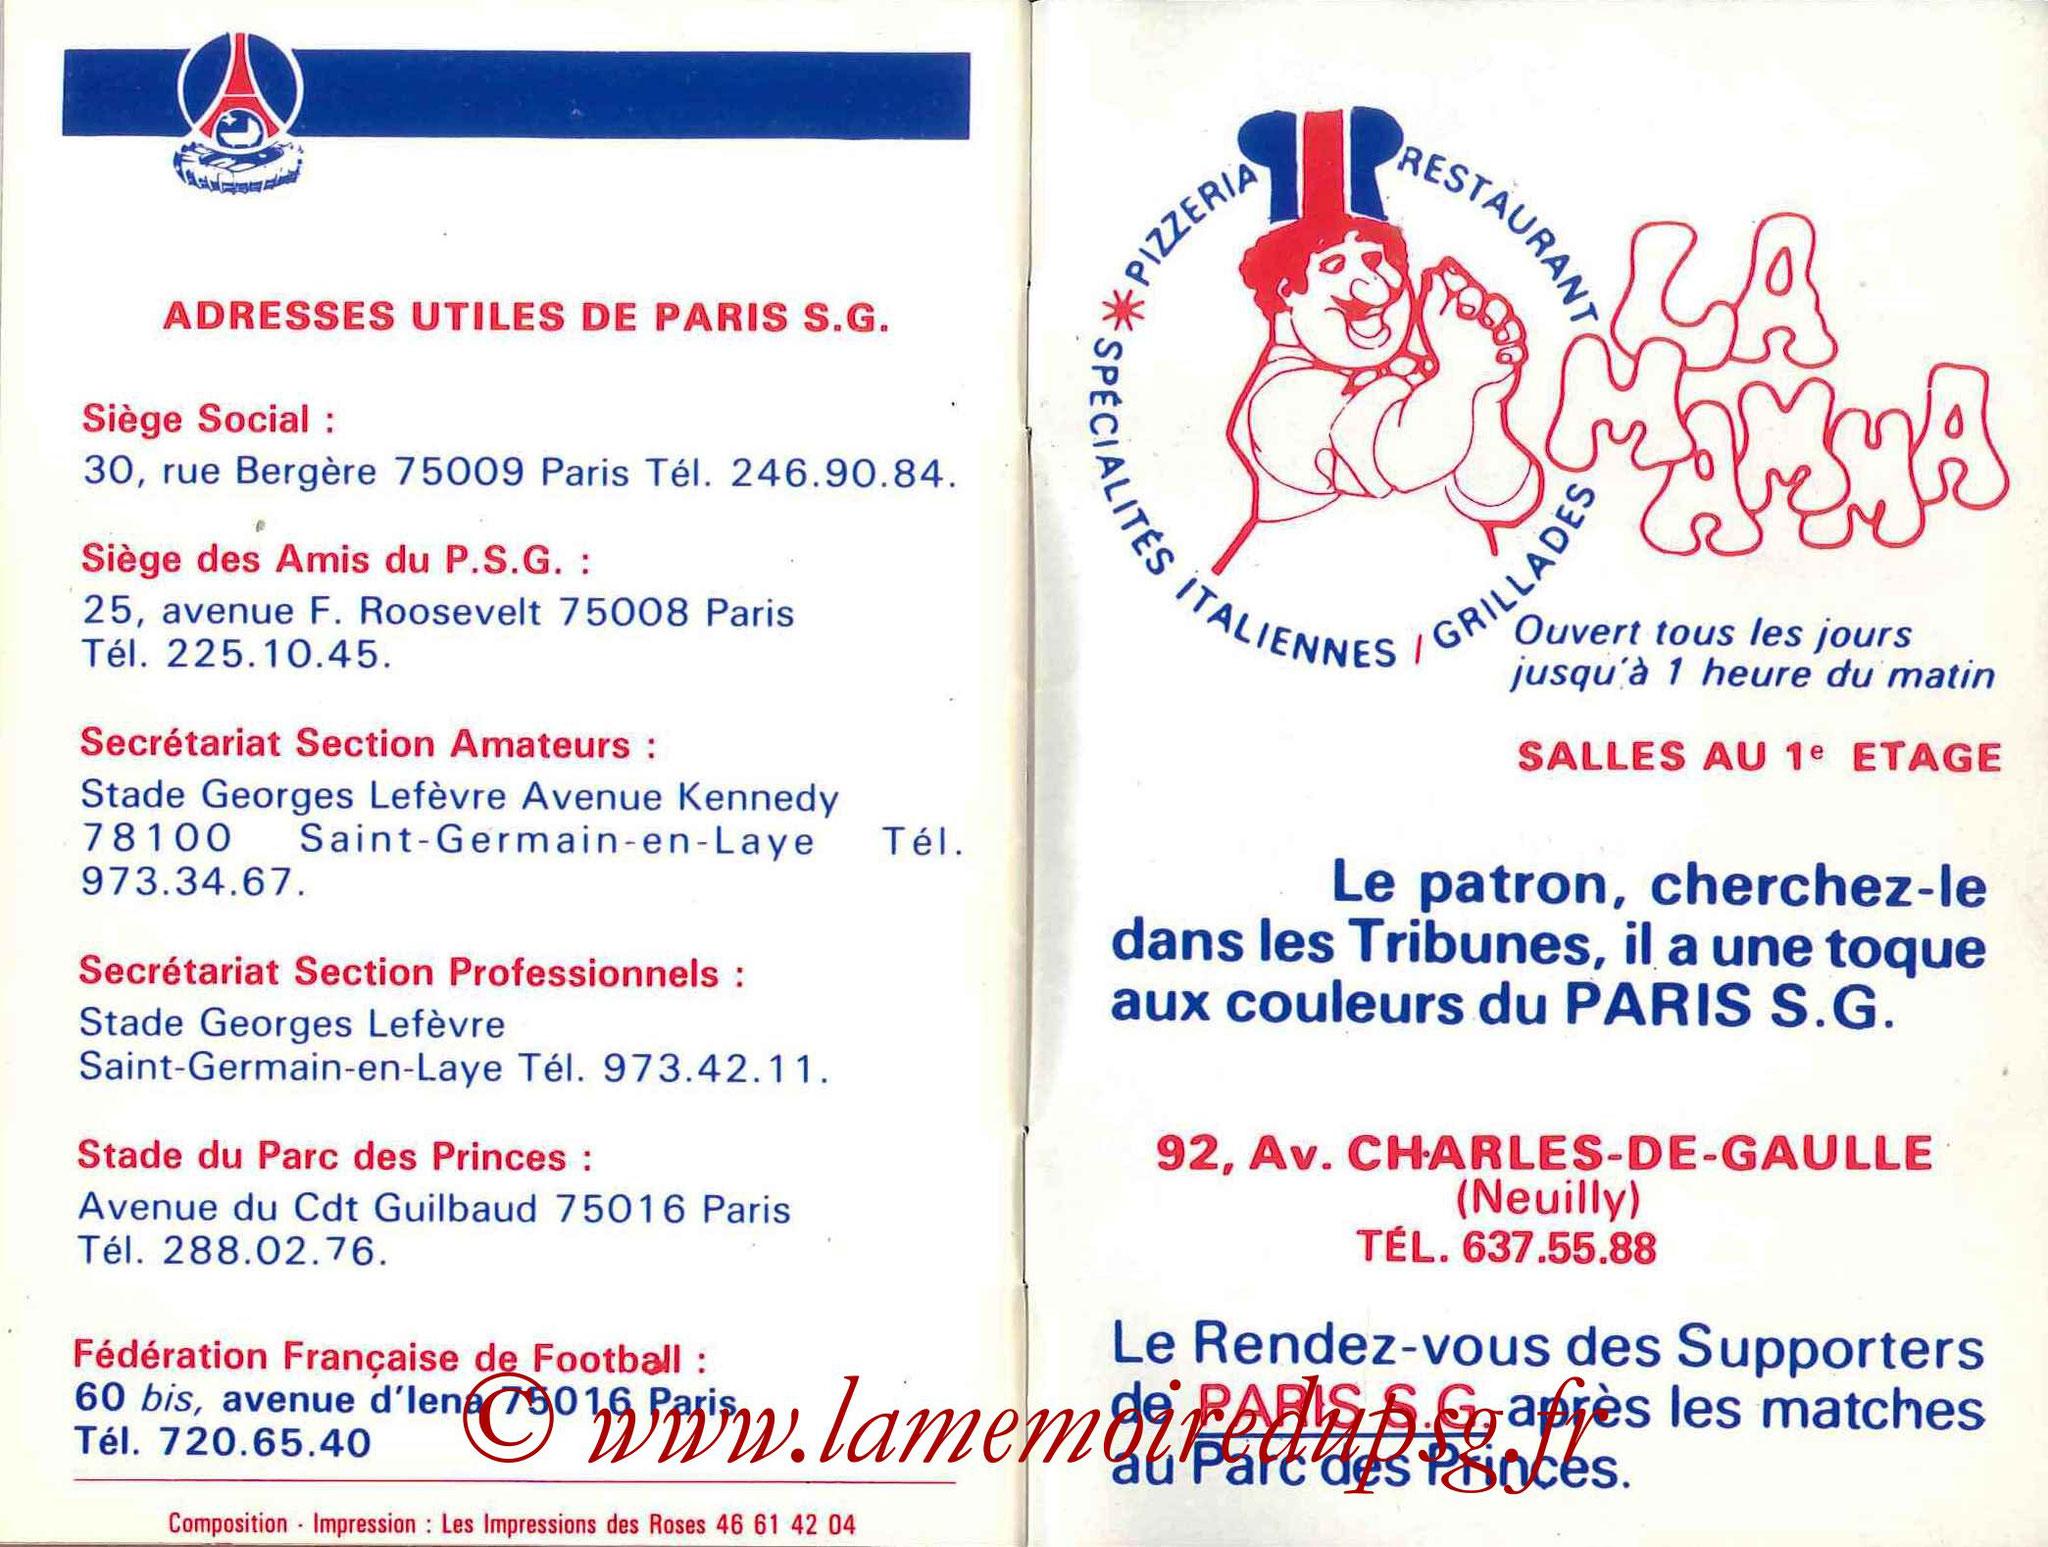 1985-86 - Guide de la Saison PSG - Pages 34 et 35